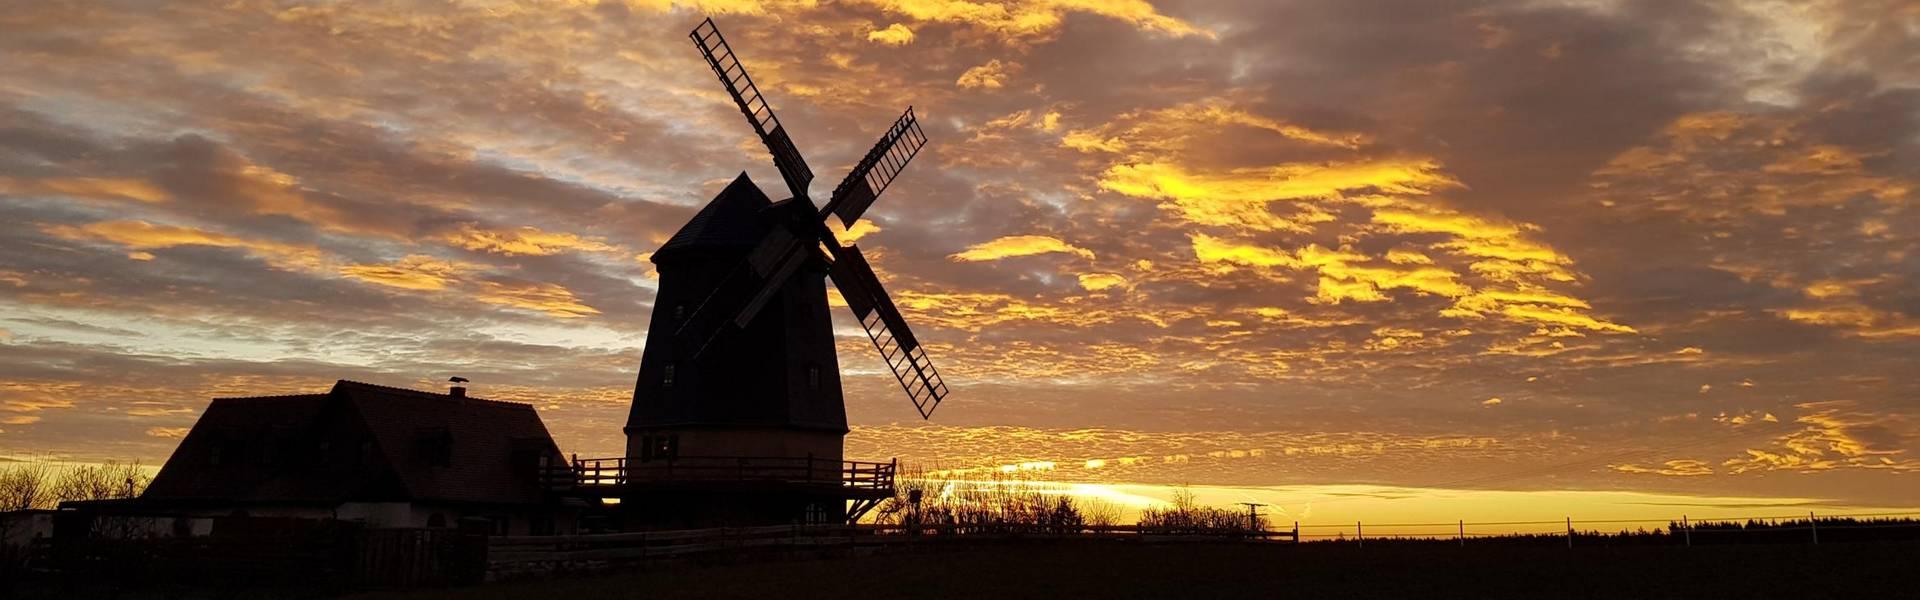 Holländer-Windmühle in Linda ©Pressestelle Landratsamt